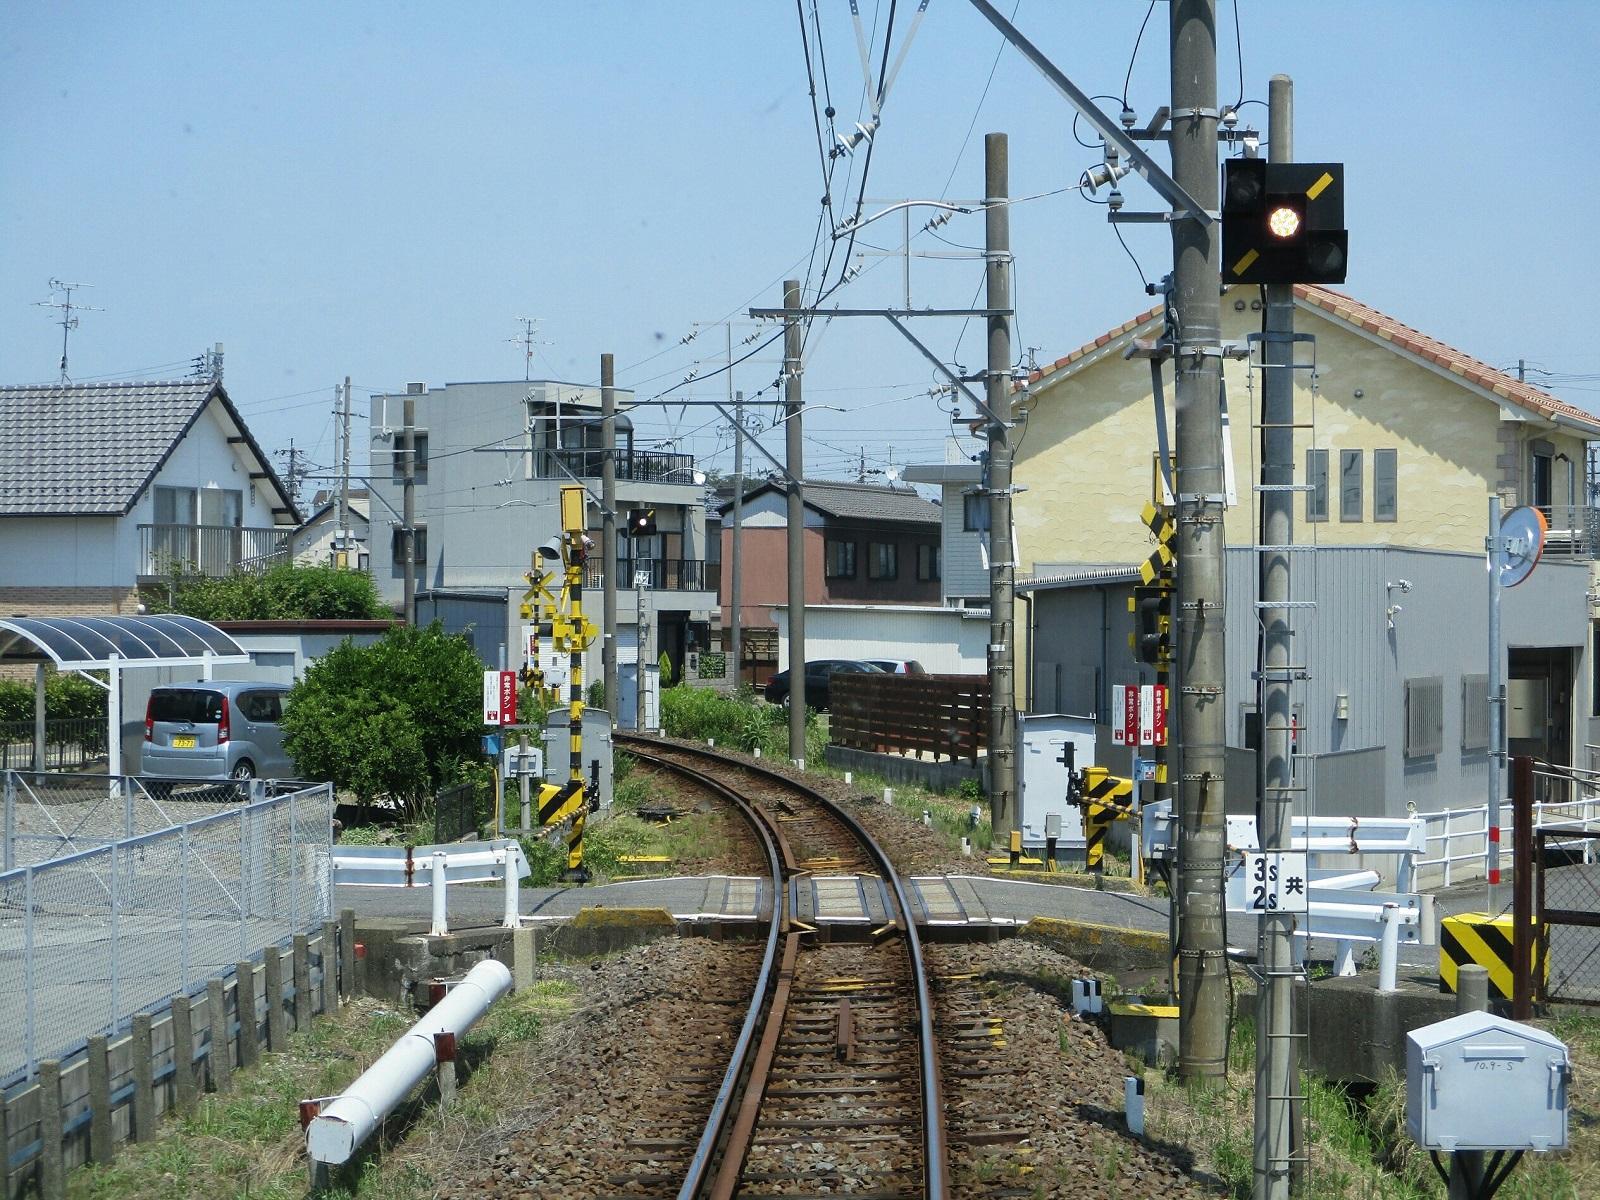 2018.7.18 (107) 笠松いきふつう - 新羽島-江吉良間 1600-1200